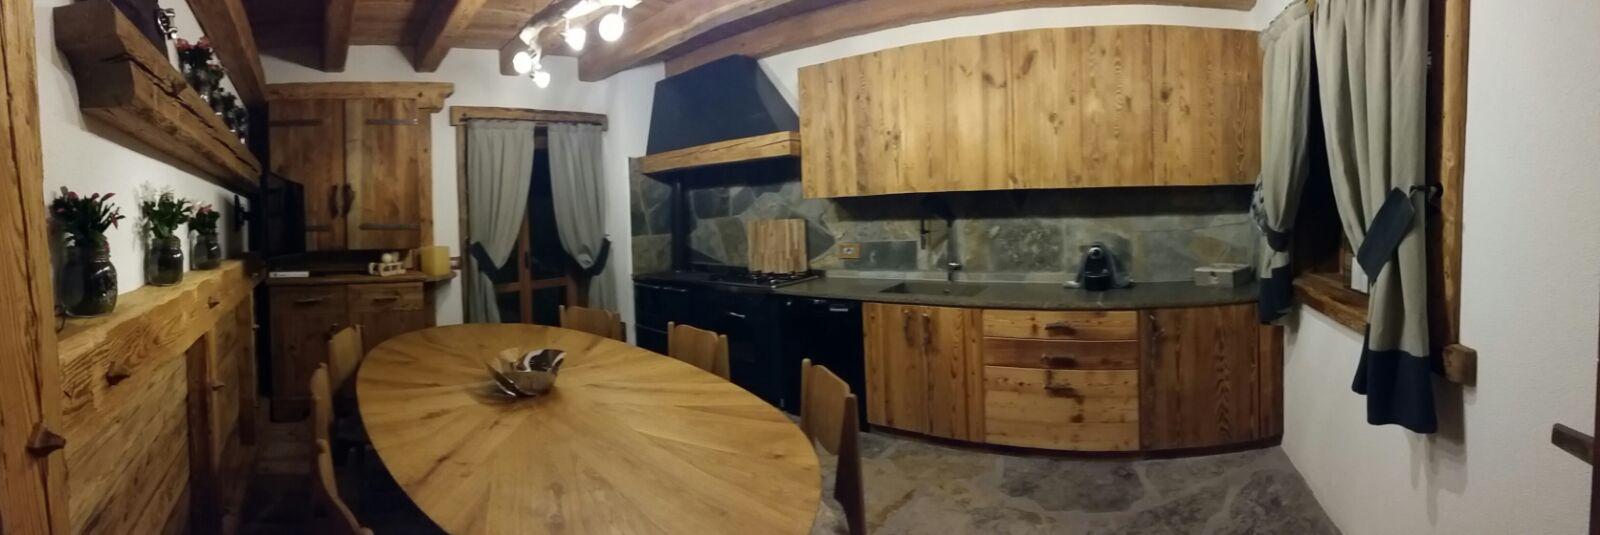 Arredamento montagna progettazione design su misura for Arredamento di casa